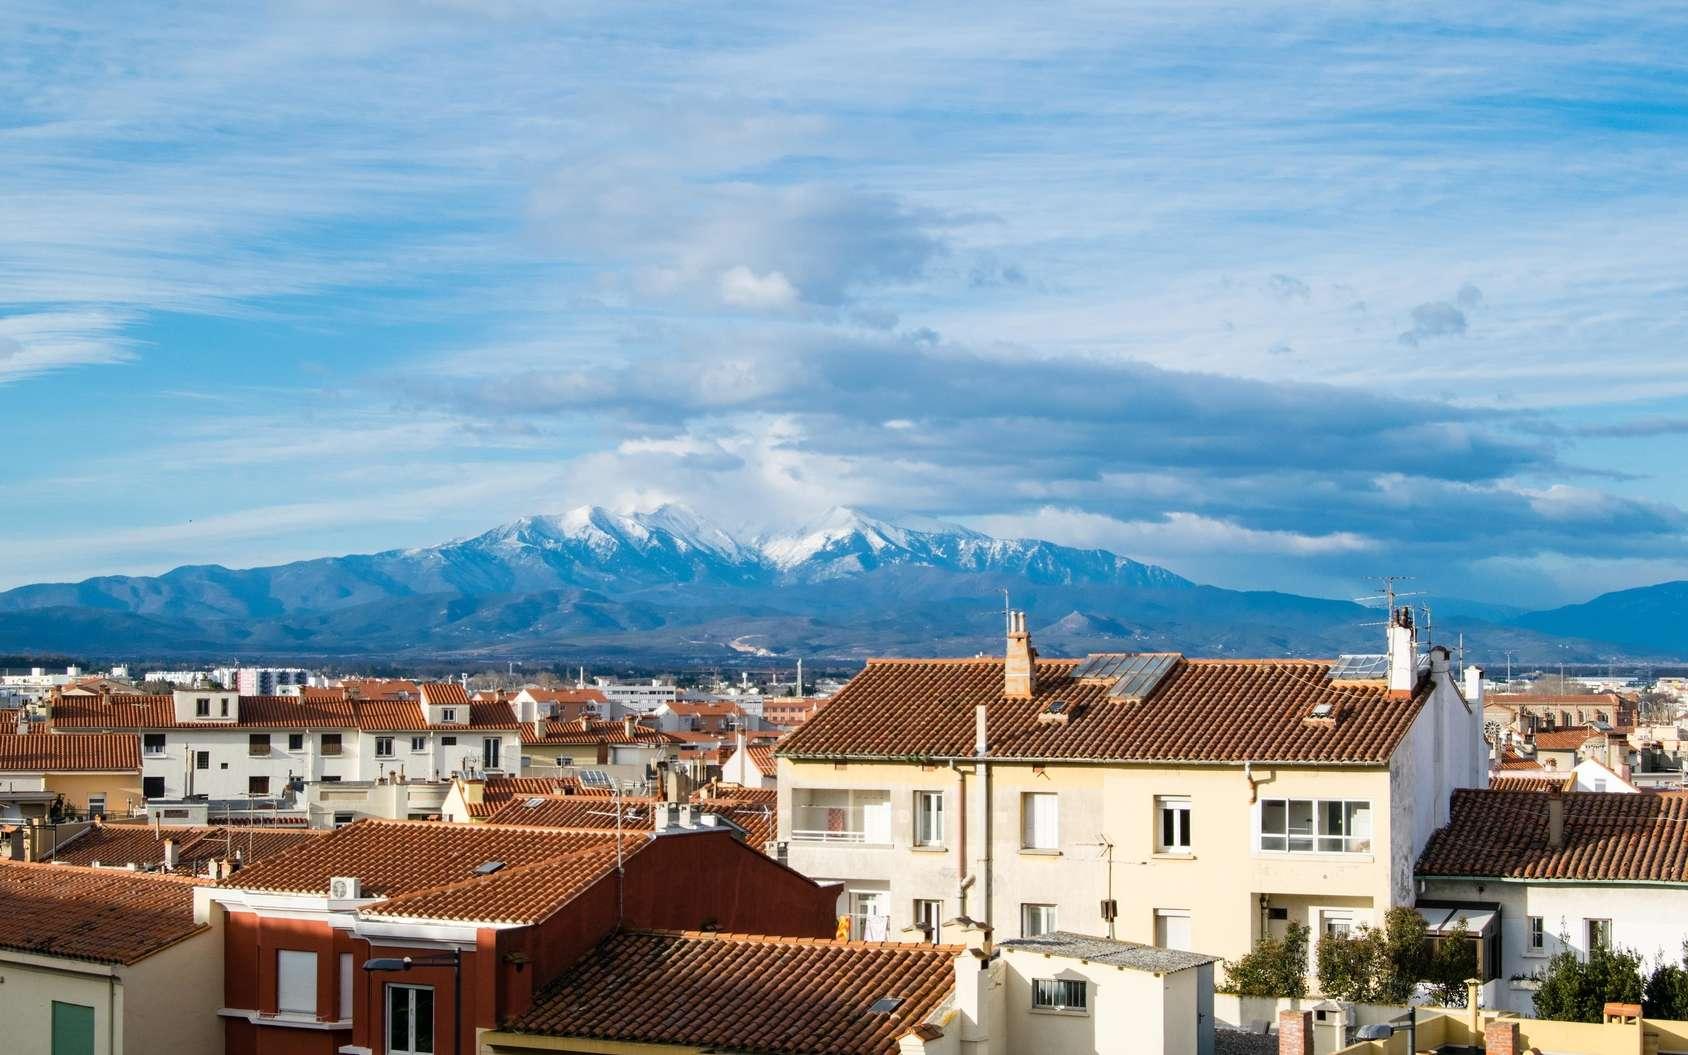 Sur le territoire catalan, la valorisation des déchets sert à la production d'électricité et fournit aussi de la chaleur. © olly_plu, Fotolia